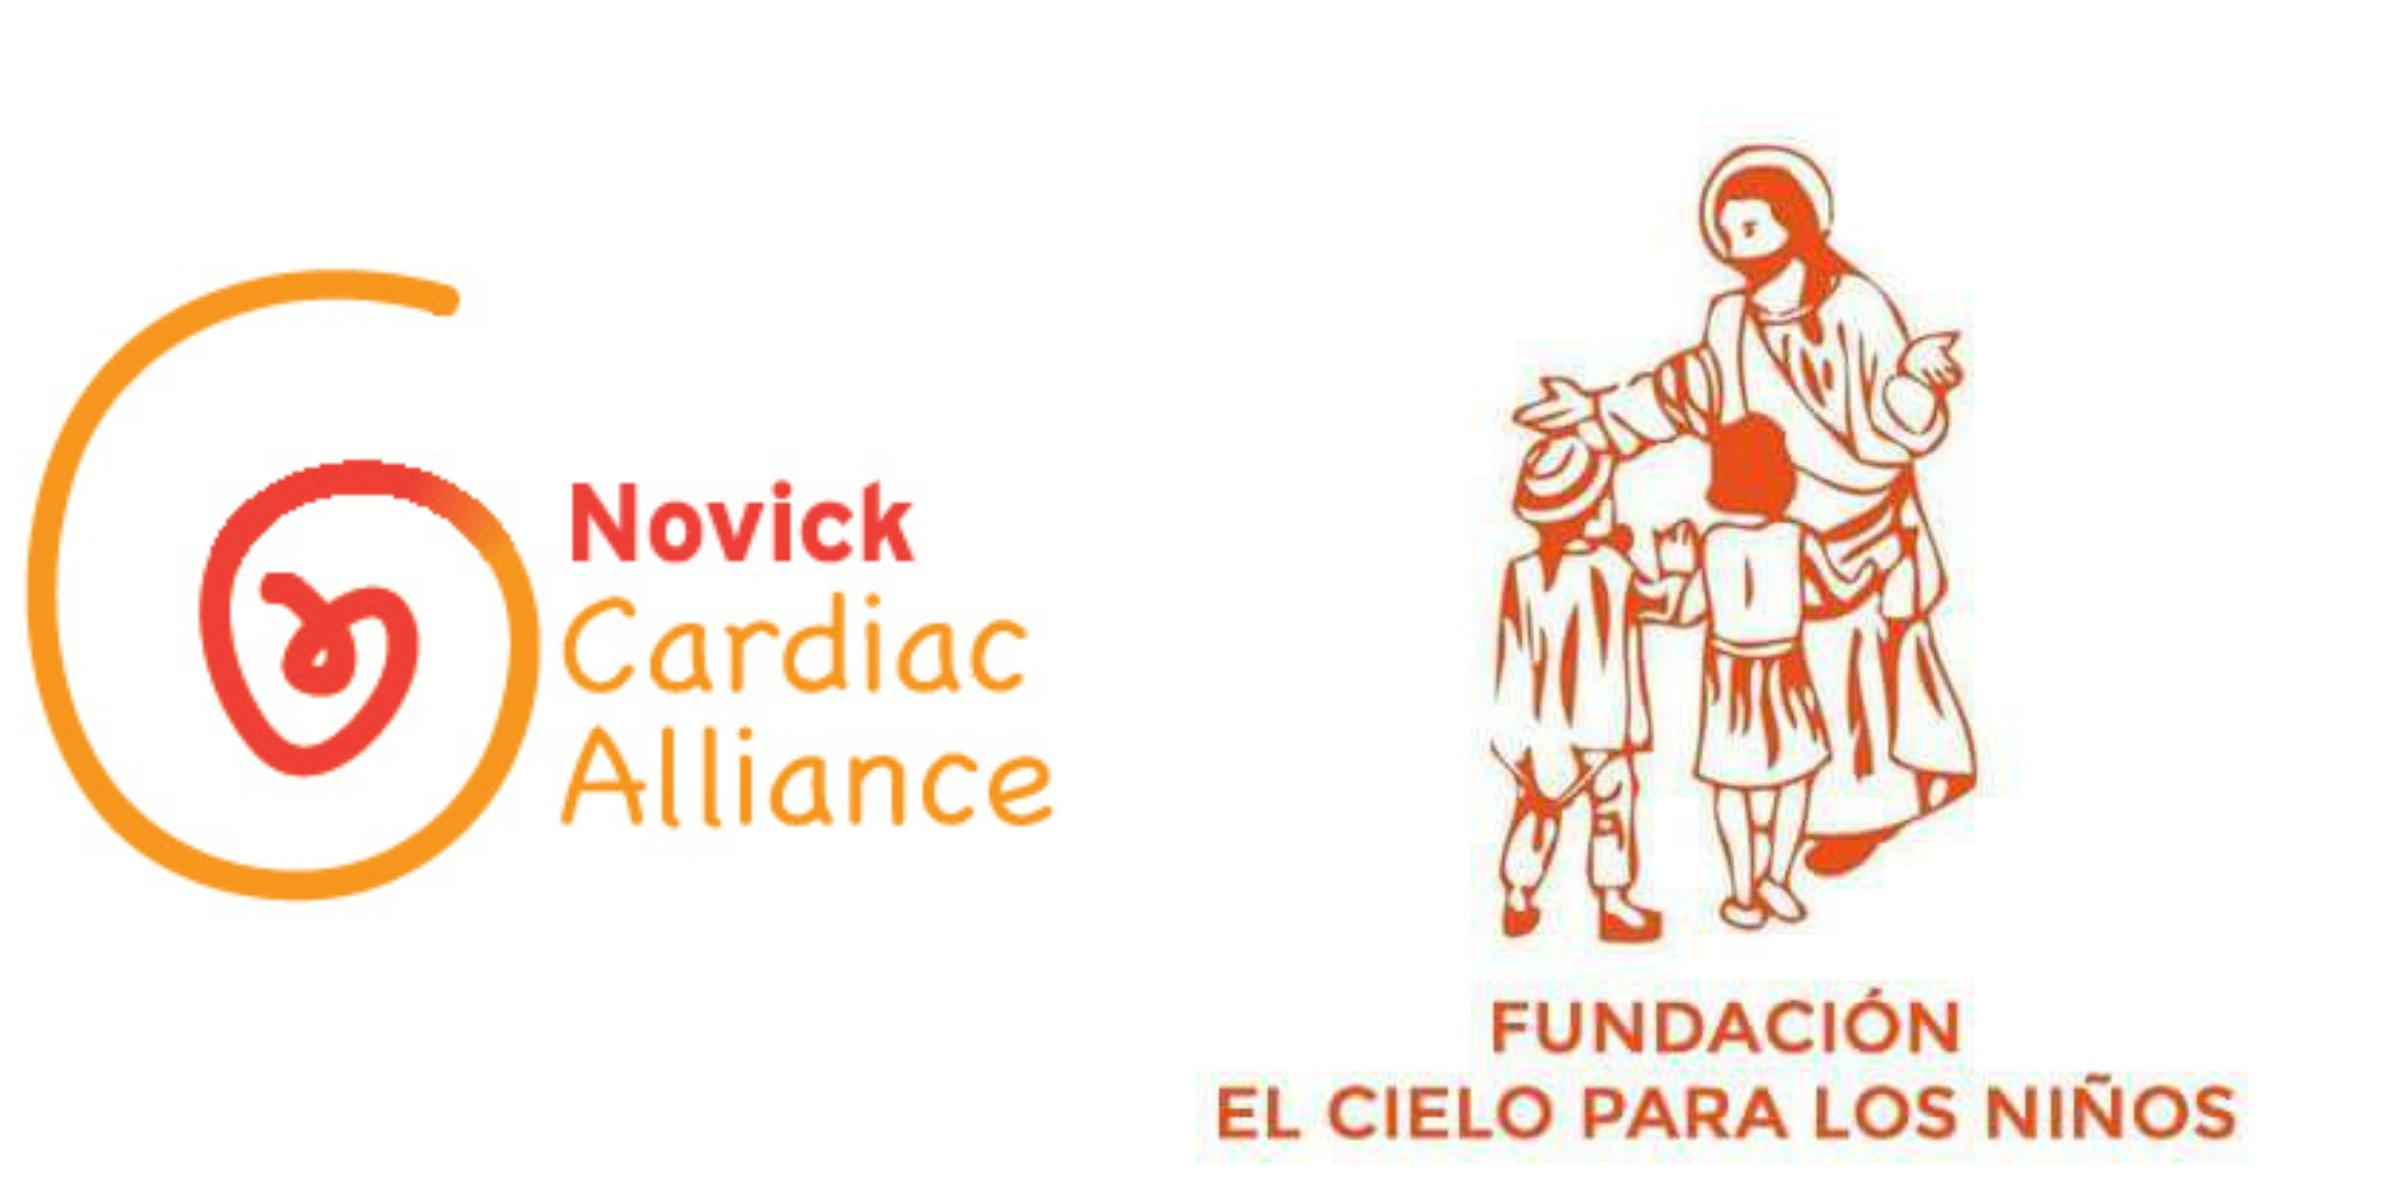 CardiacAlliance